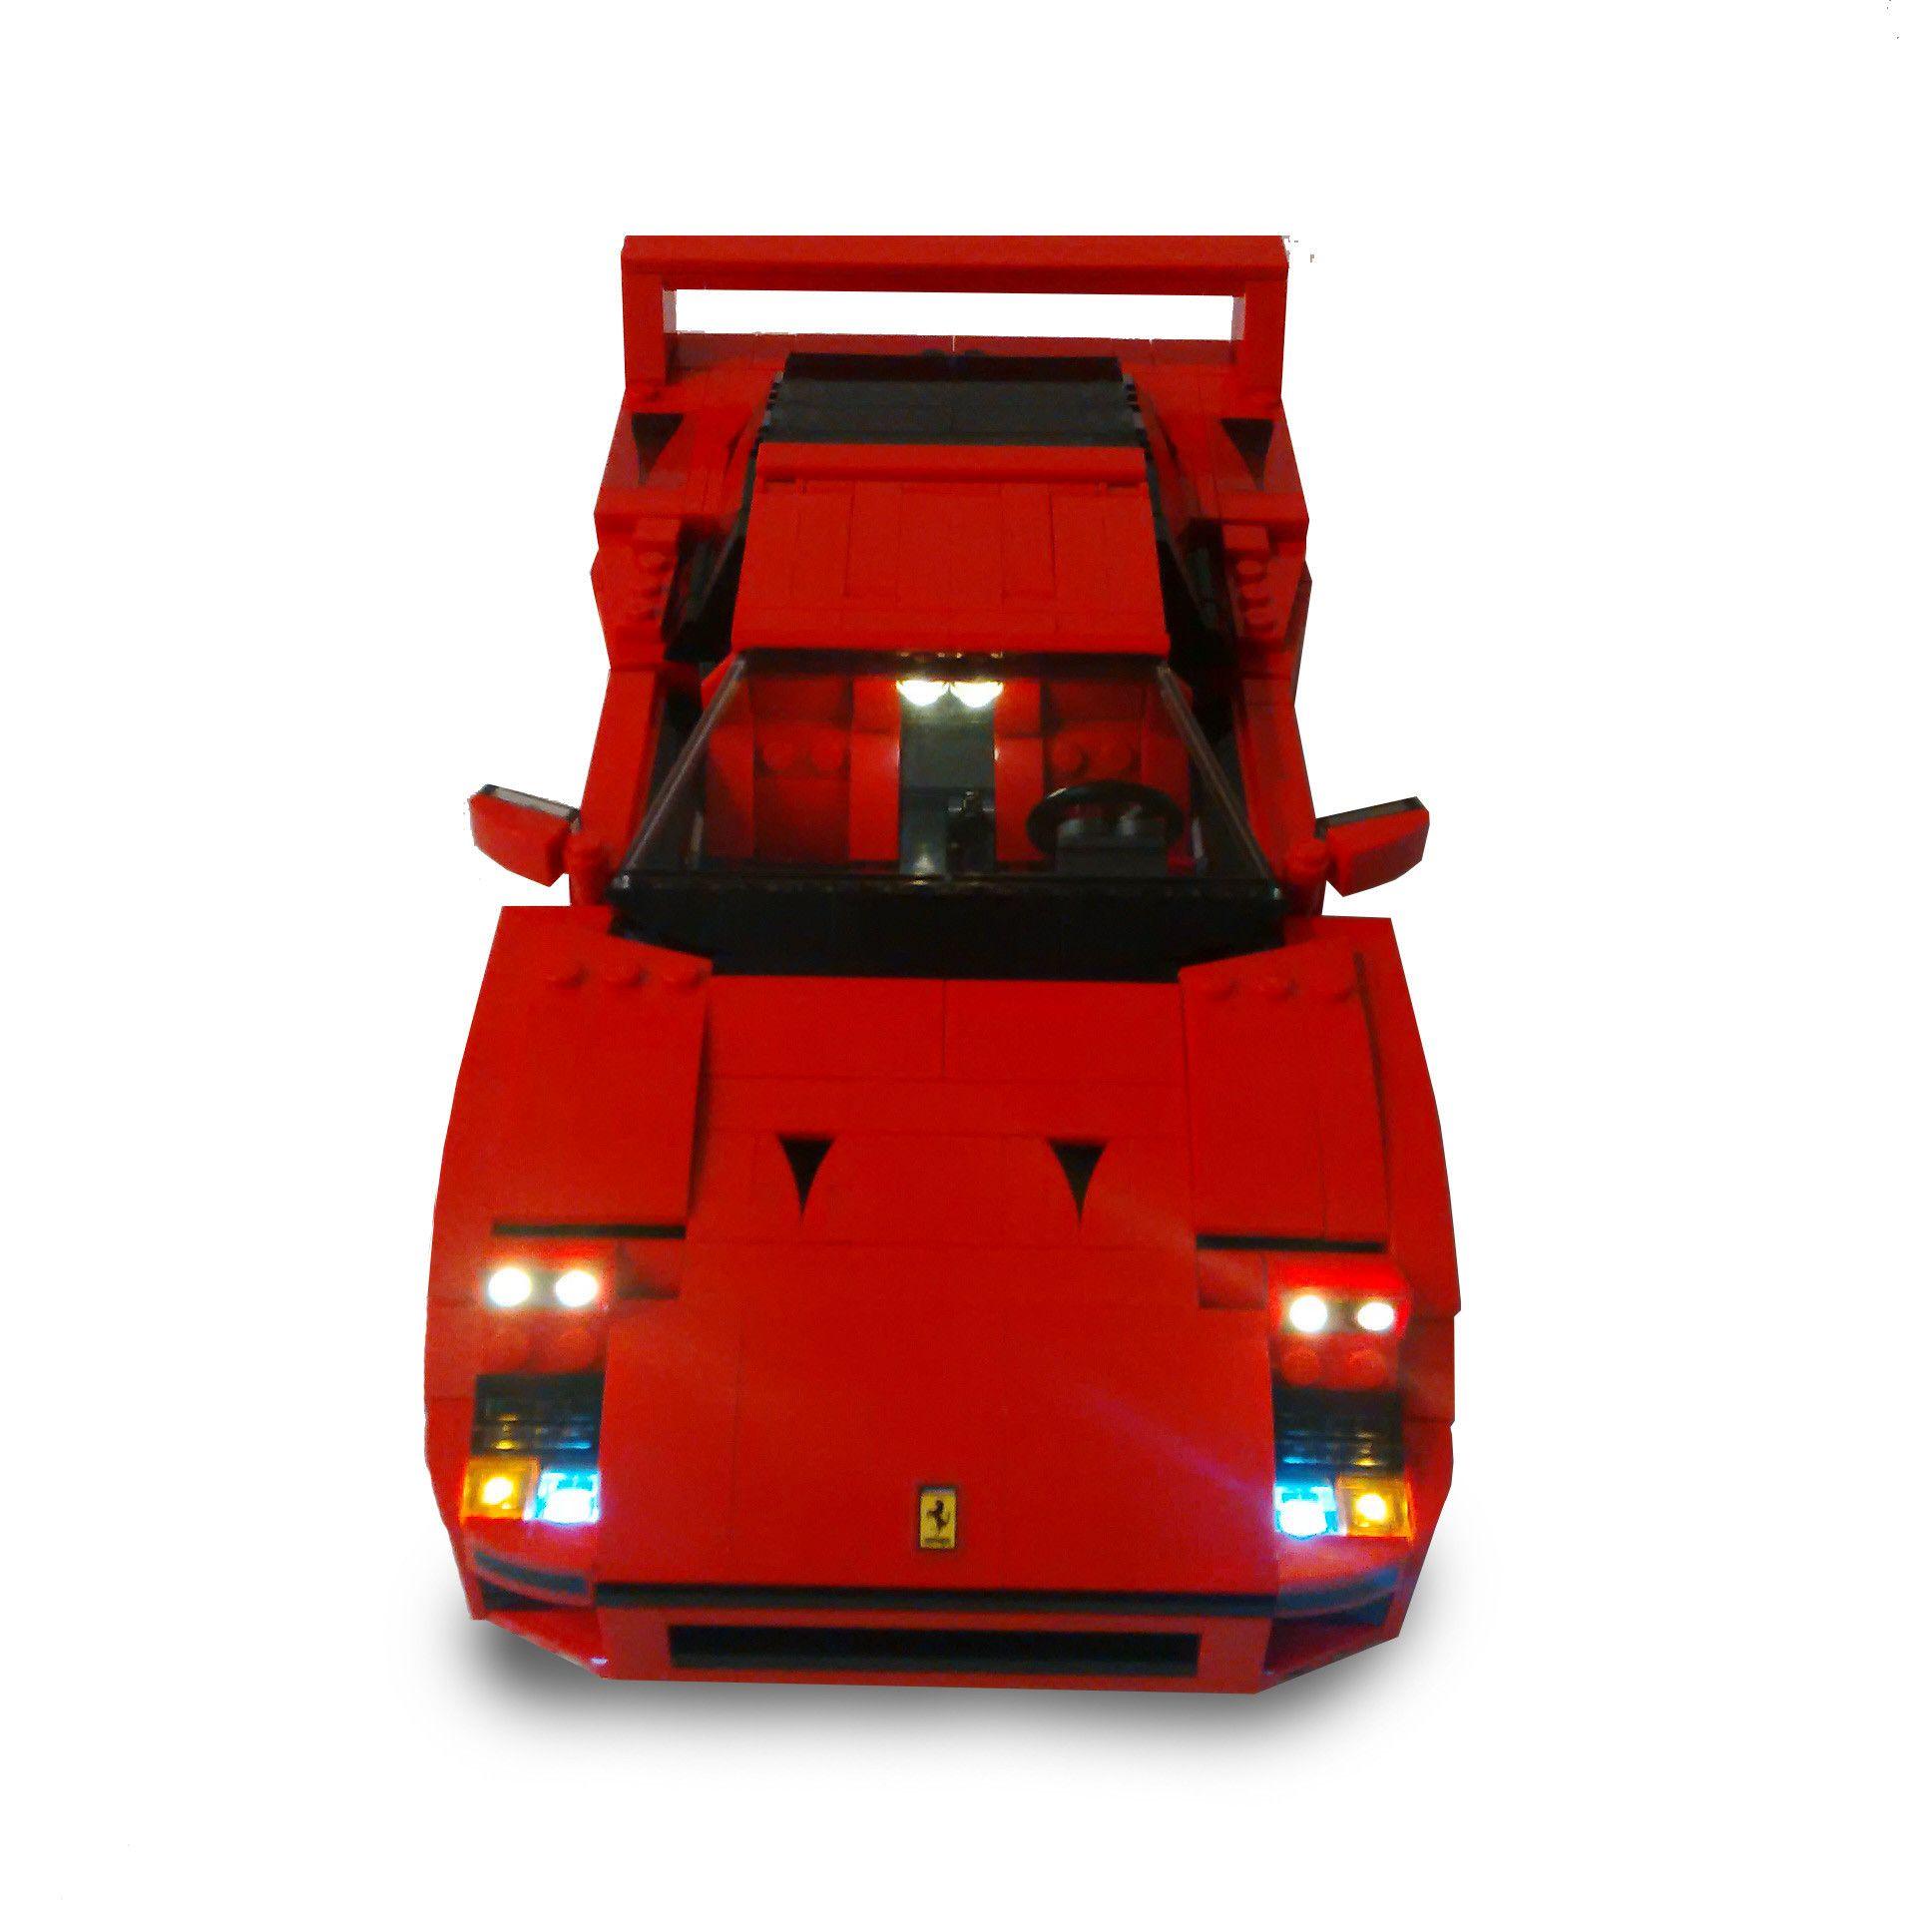 Led Lighting Kit For Lego Ferrari F40 10248 Lego Led